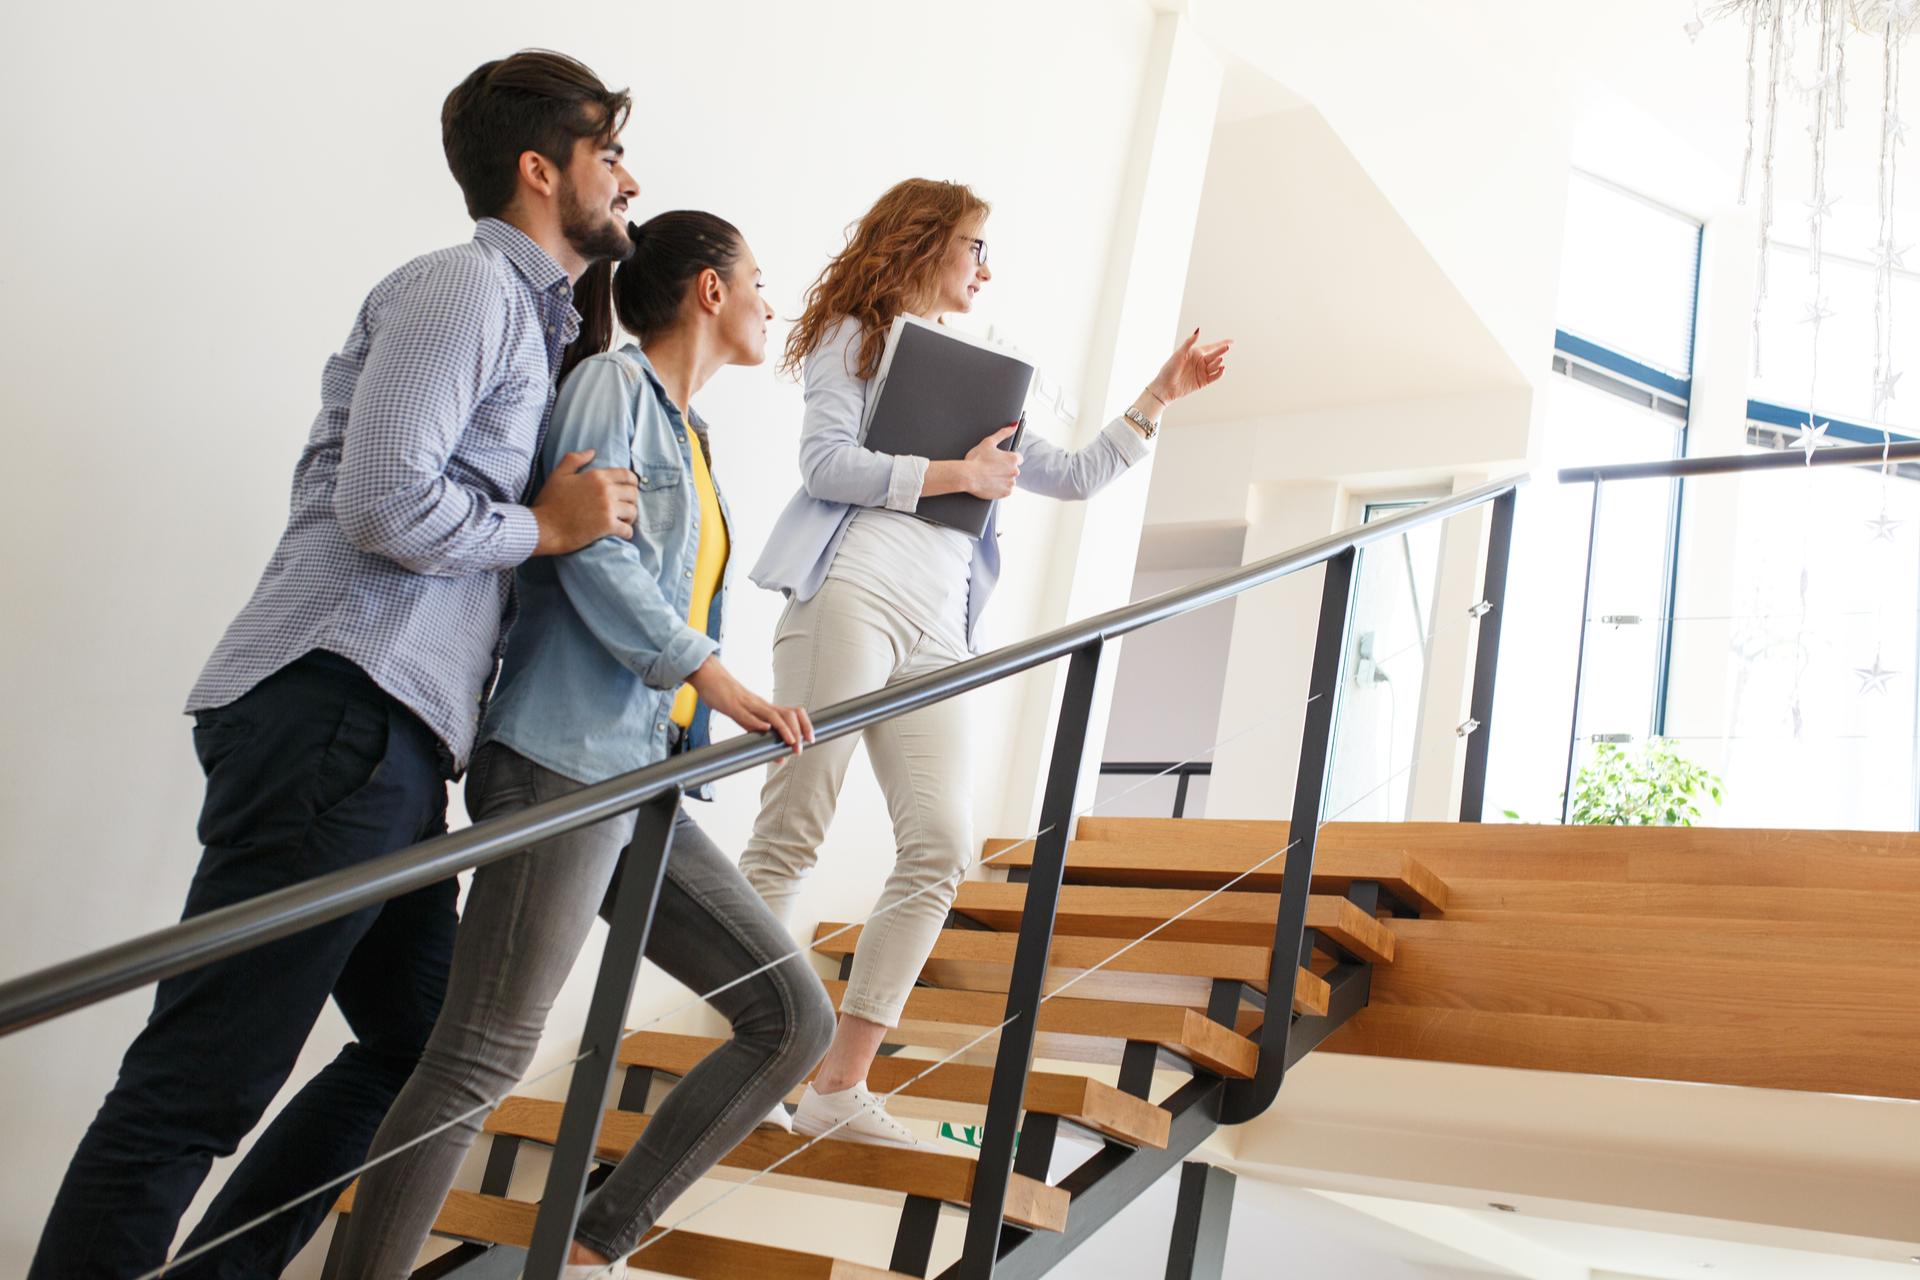 Wohnungsmakler - so sind Sie auf der sichern Seite beim Wohnungsverkauf!